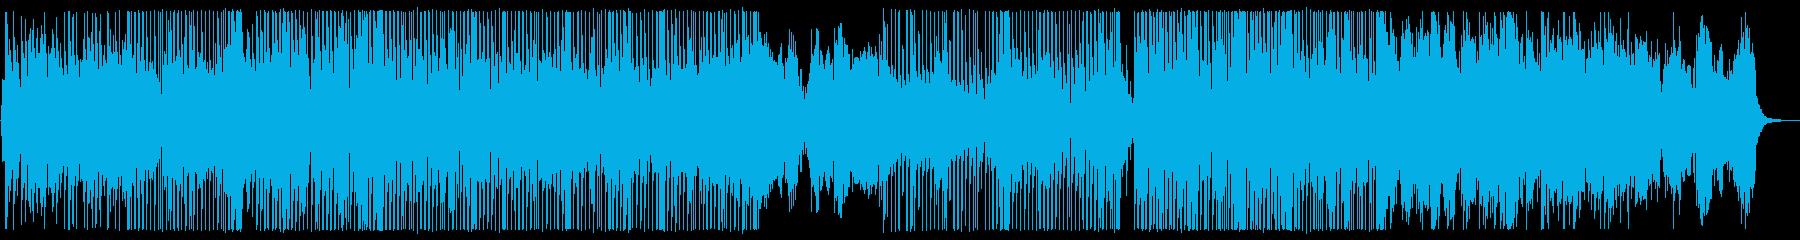 サックスがクールなクリスマスソングの再生済みの波形